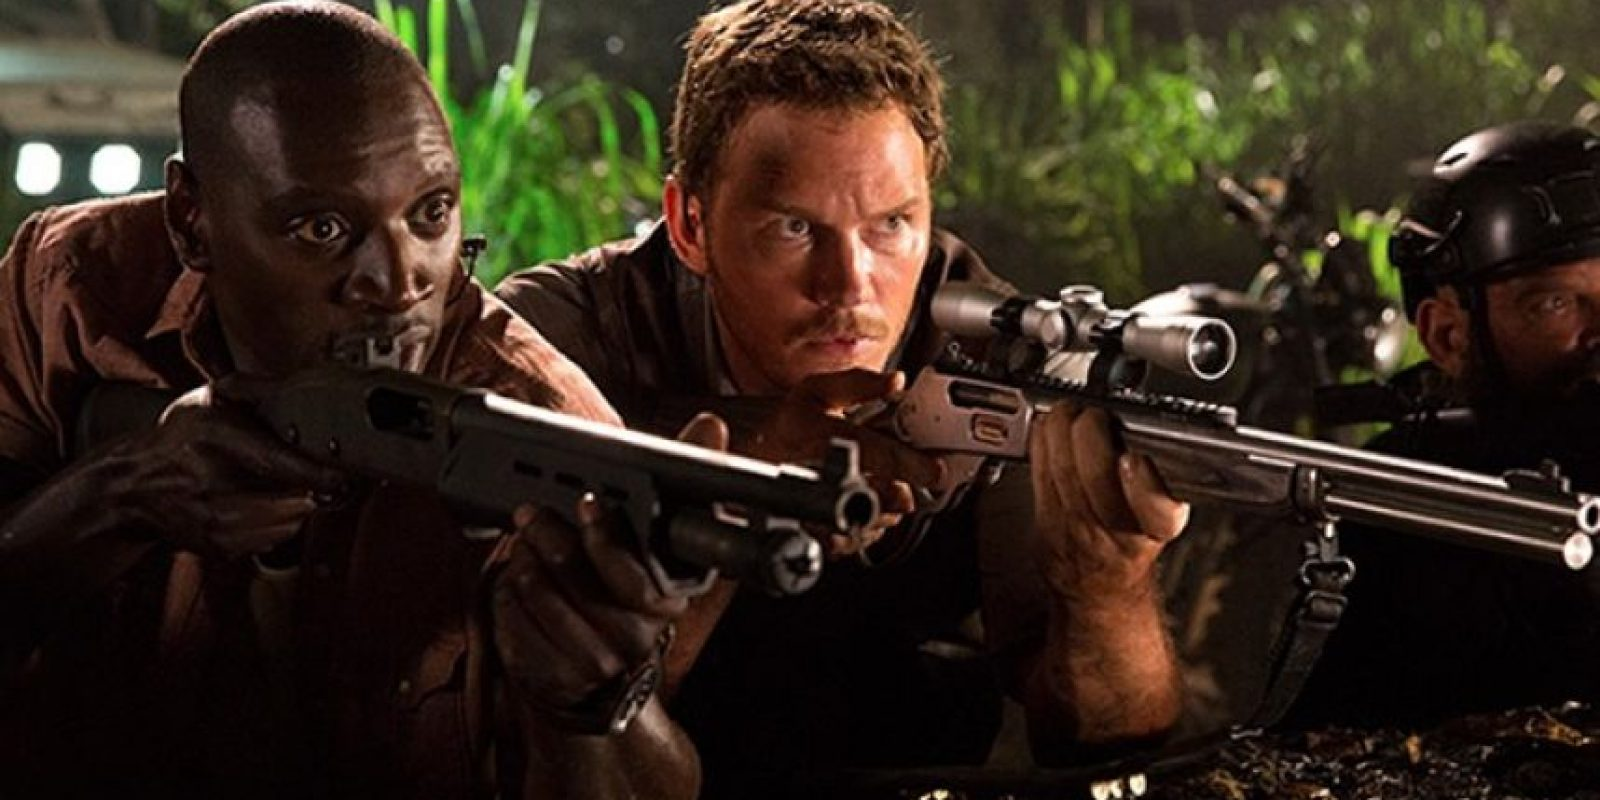 8. Cuando el personaje de Chris Patt se enfrenta a los velociraptors, deja su rifle en el suelo y unos instantes después ya lo tiene de nuevo en la mano. Foto:Universal Pictures